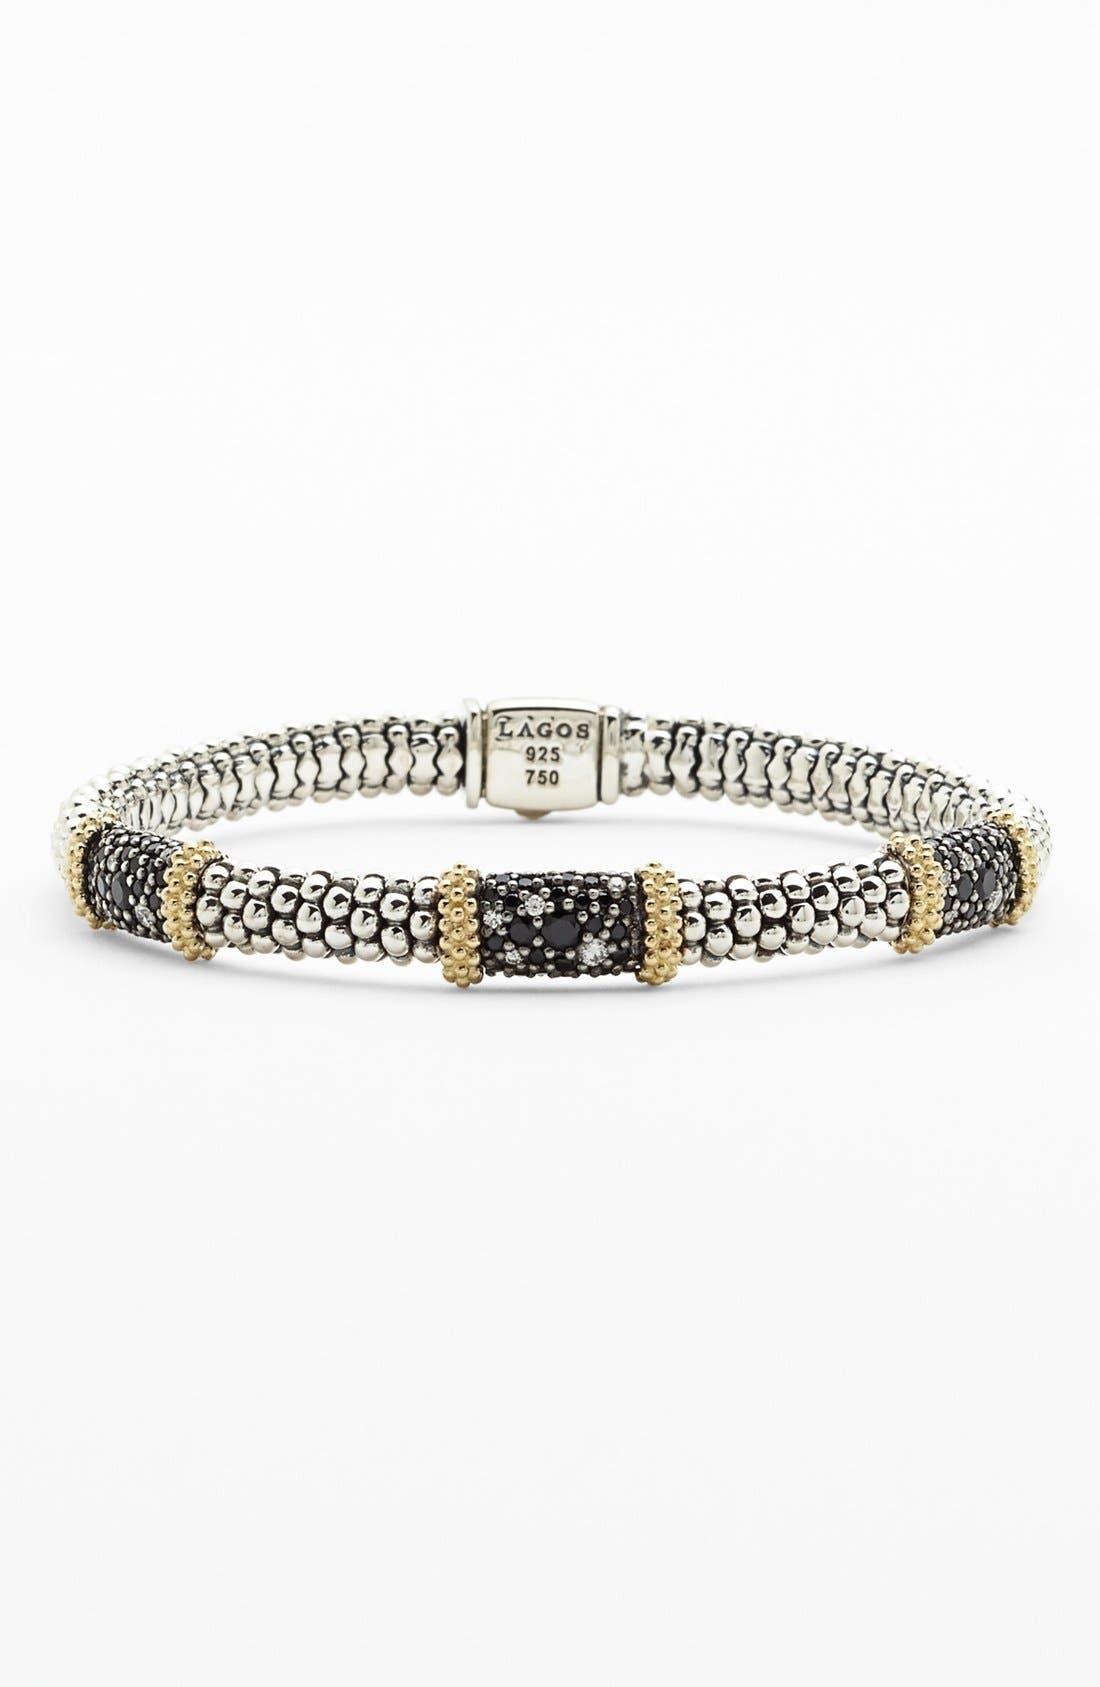 Main Image - Lagos 'Nightfall' Caviar™ Diamond Rope Bracelet